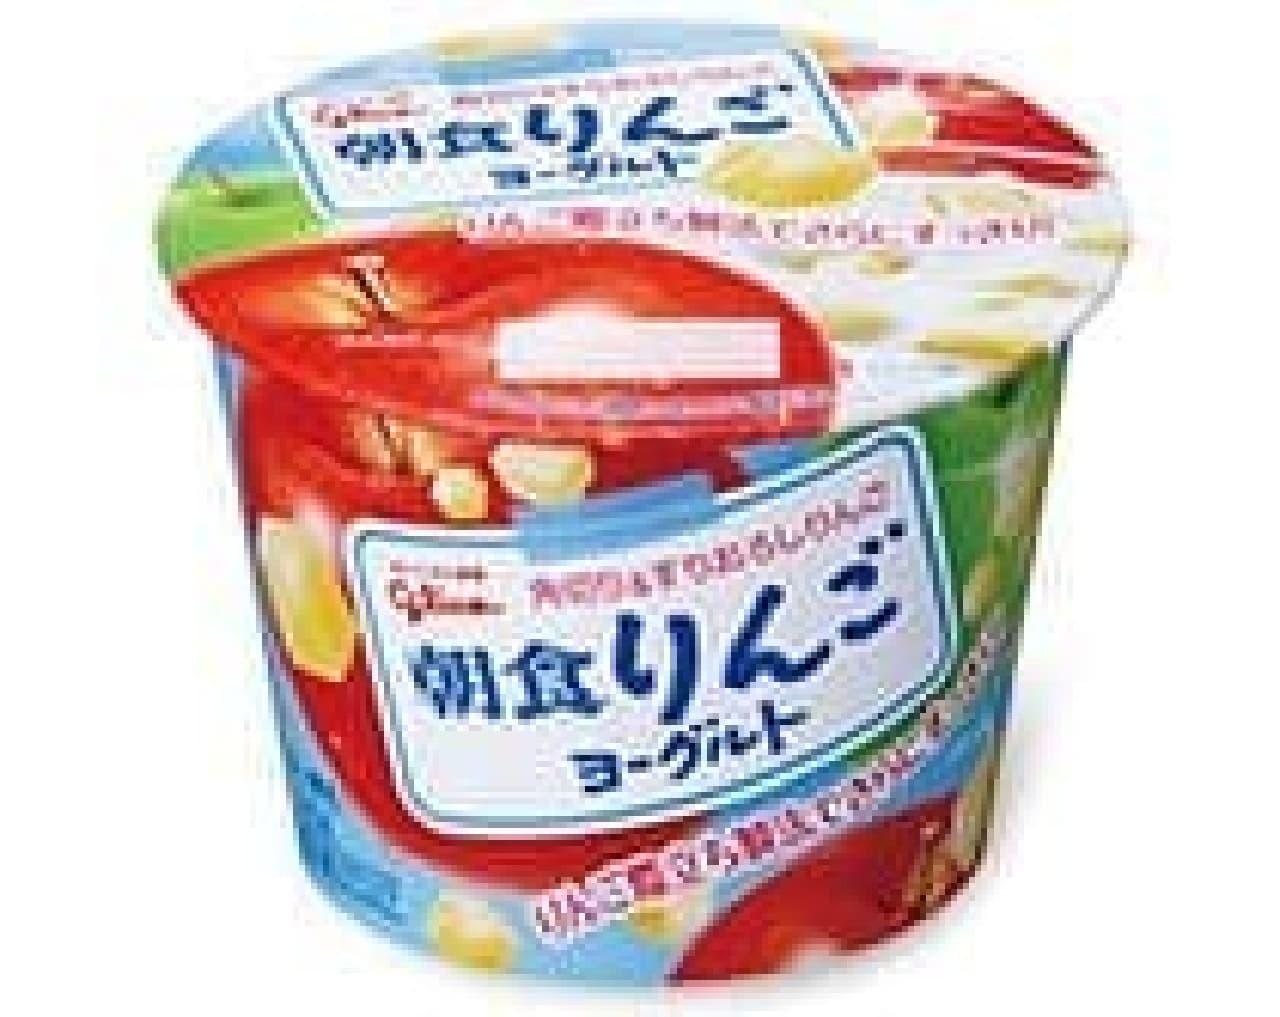 朝食りんごヨーグルト  (出典:グリコ乳業公式サイト)